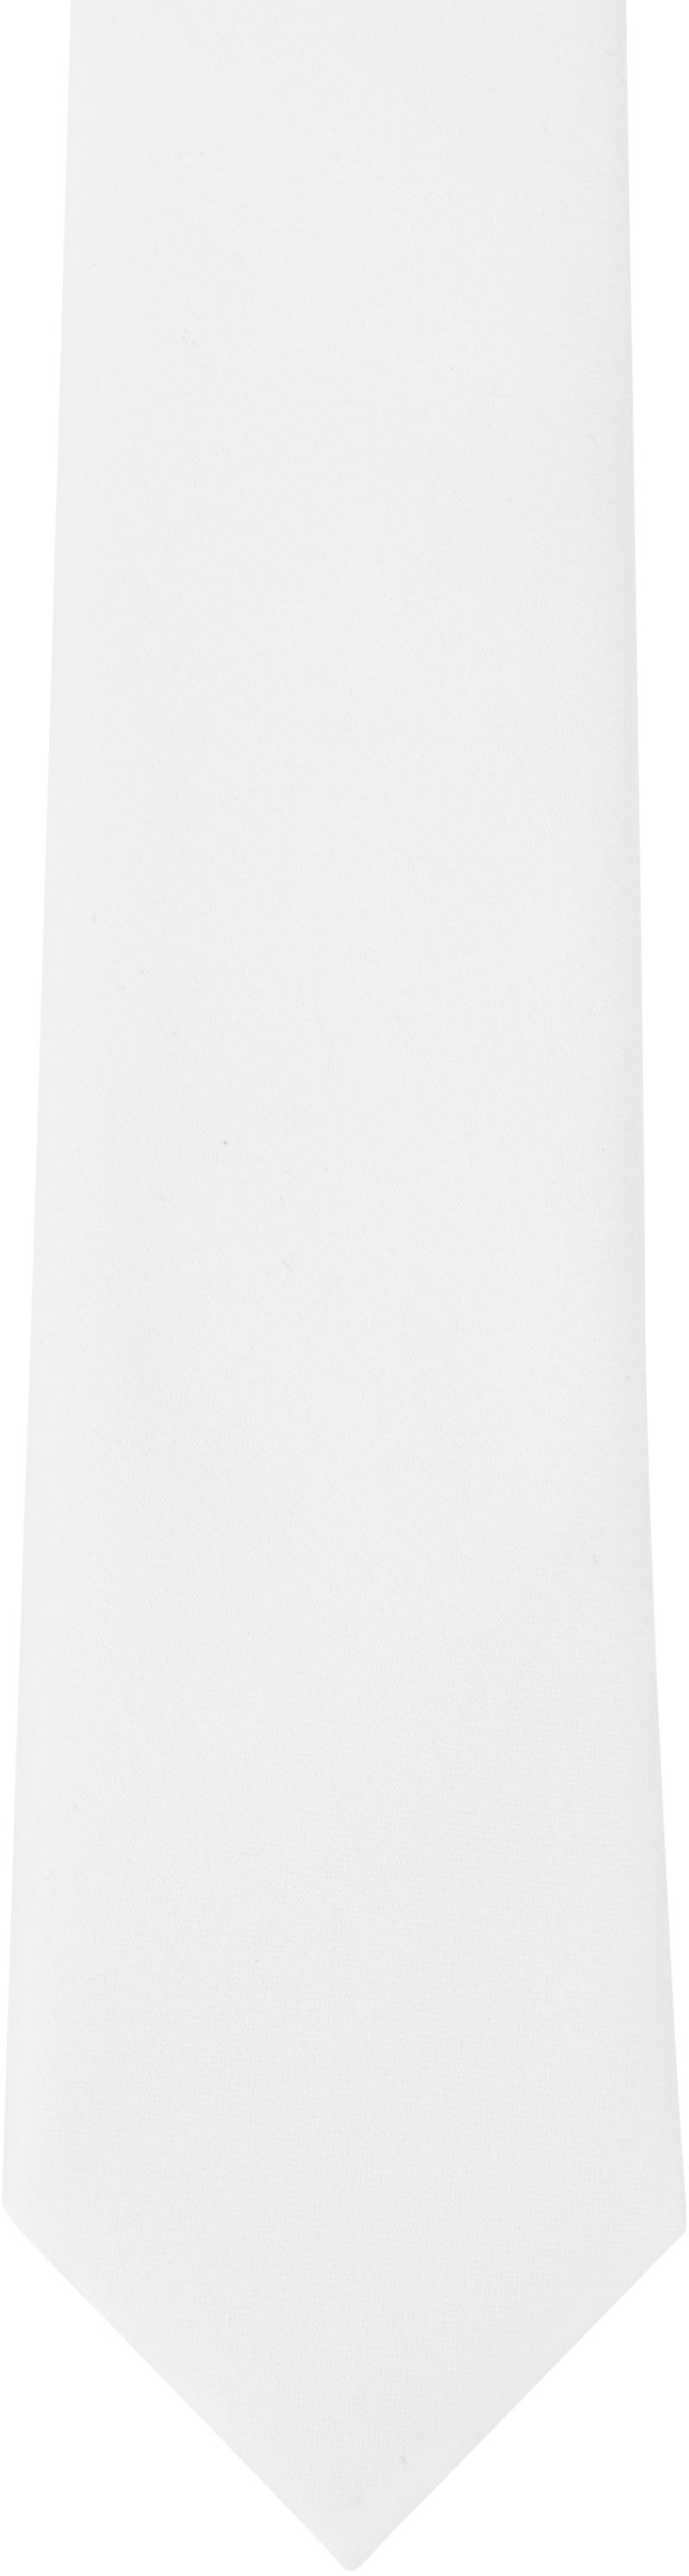 Suitable Krawatte Weiß 900 Foto 1